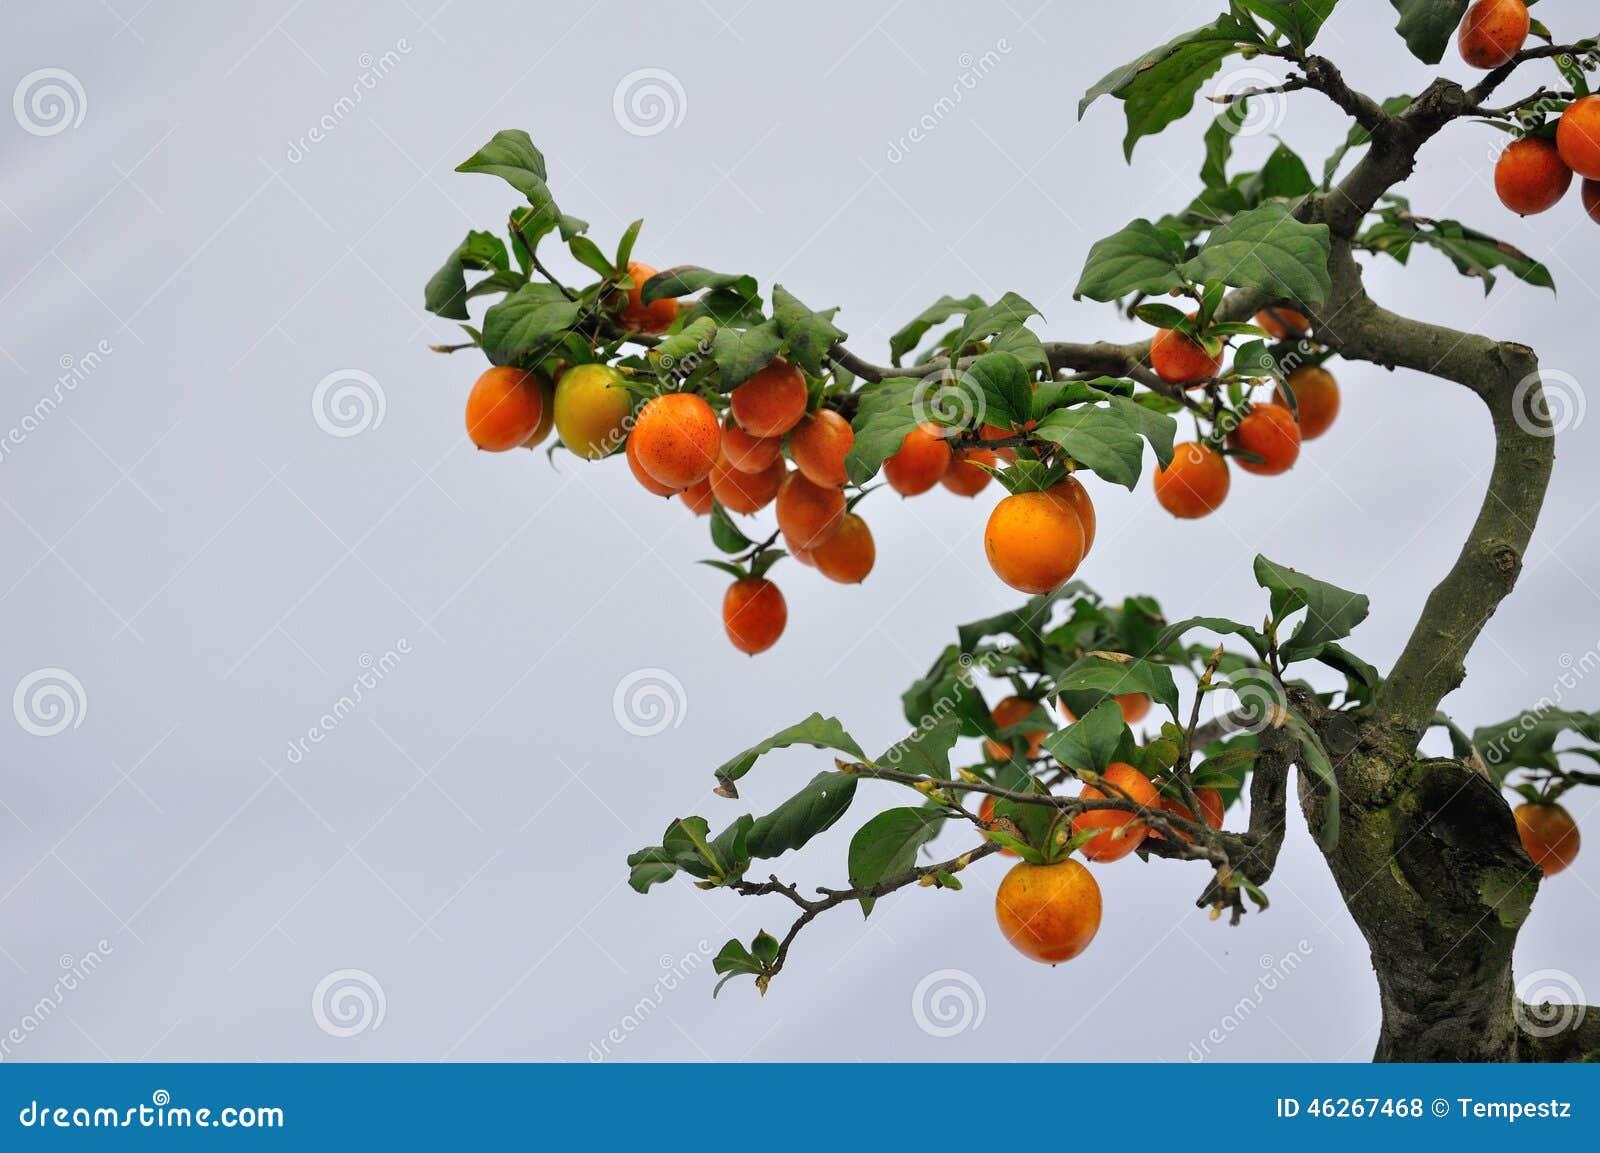 bonsai obstbaum stockfoto bild von beschnitten orange. Black Bedroom Furniture Sets. Home Design Ideas